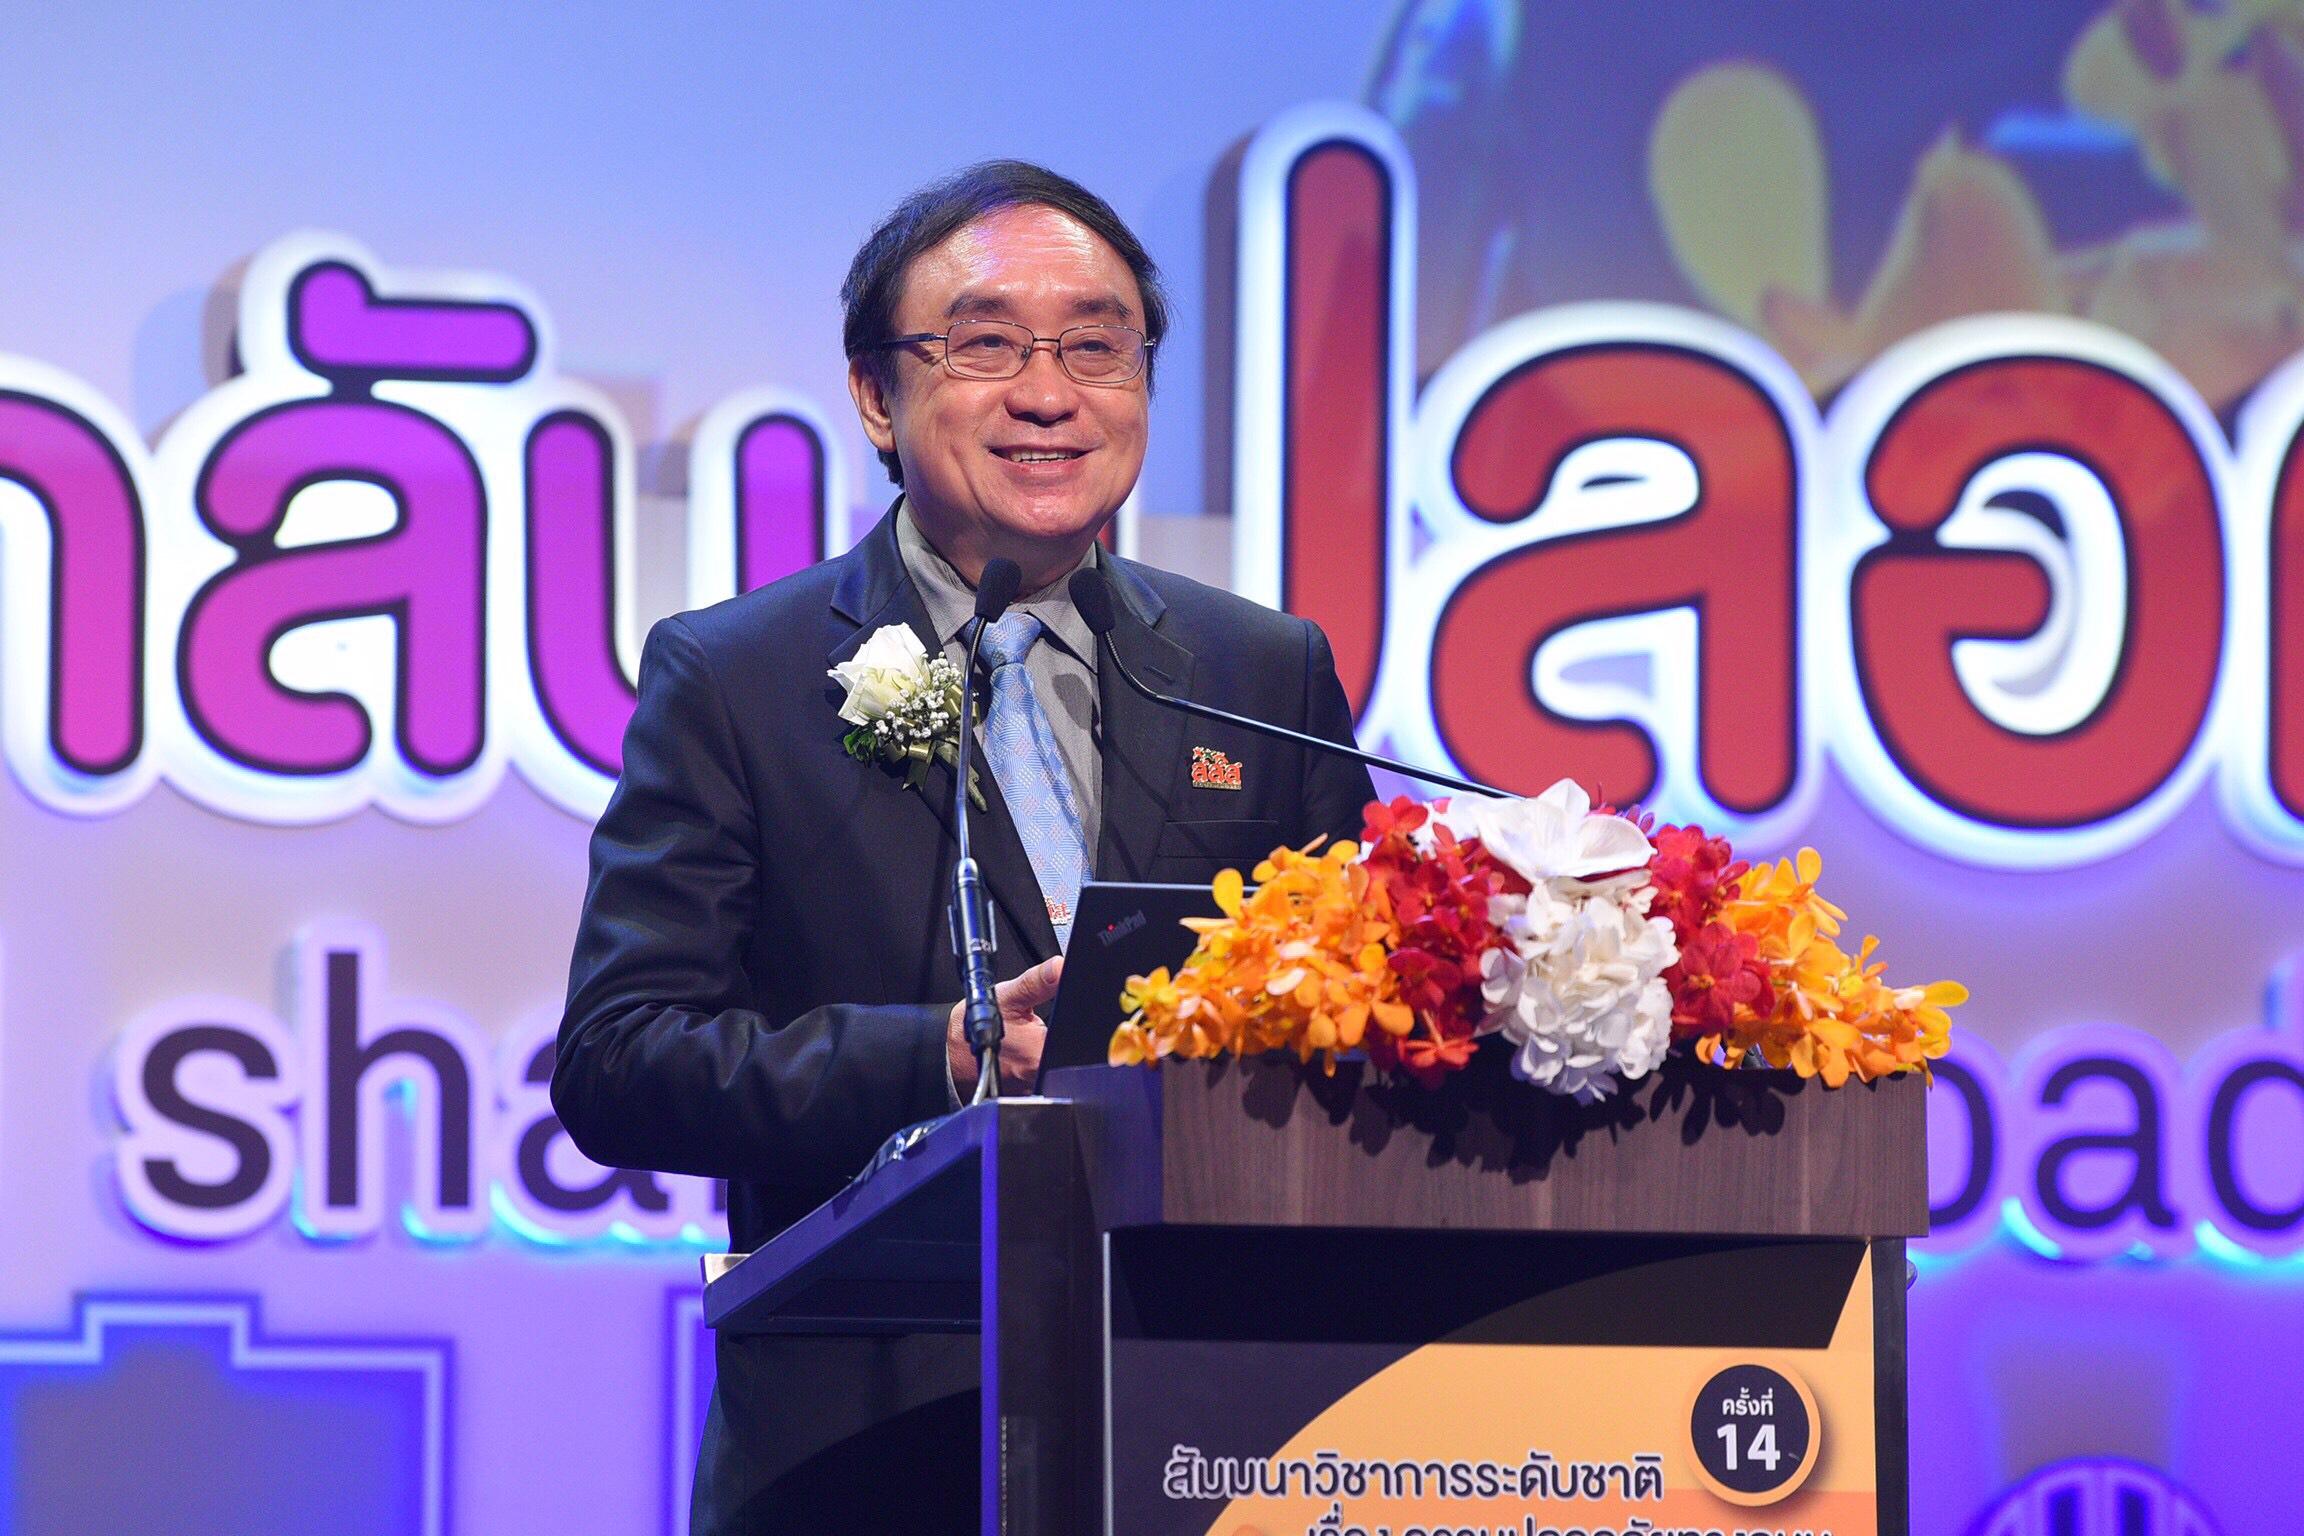 พิธีเปิดสัมมนาความปลอดภัยทางถนน ครั้งที่ 11 thaihealth